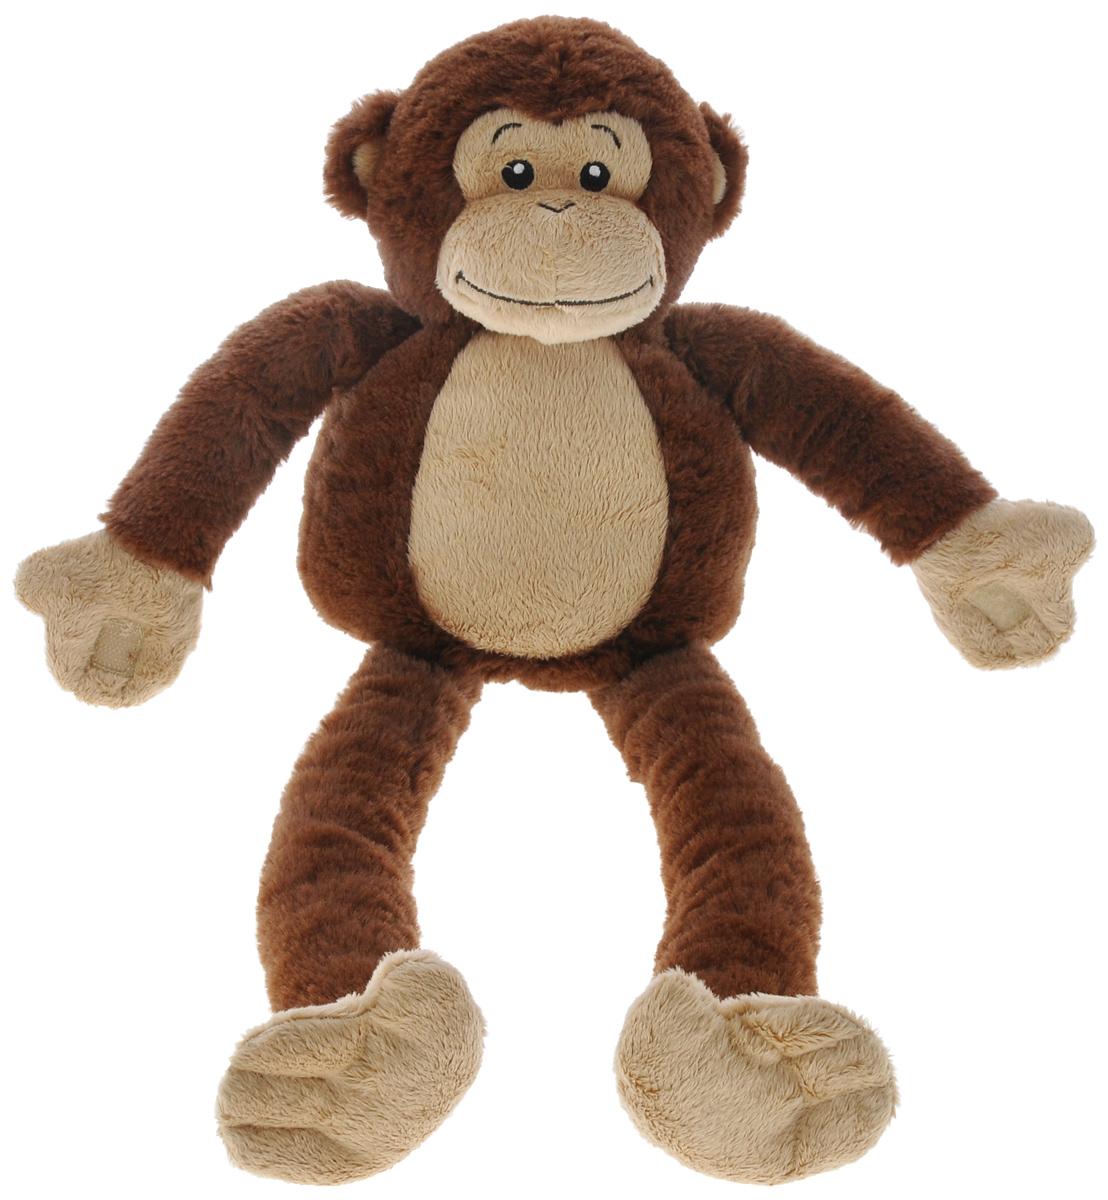 Cloud B Мягкая музыкальная игрушка Забавная Обезьянка7414 -ZZ -RUМузыкальная игрушка Забавная Обезьянка поможет родителям даже глубокой ночью. Игрушка выполнена в виде симпатичной мягкой обезьянки. Передние лапки у обезьянки на липучках. К игрушке прилагается музыкальное устройство. Игрушка легко крепится к кроватке или коляске с помощью специальной петельки-липучки. Музыкальный блок управления помещается внутрь корпуса обезьянки и легко вынимается. Игрушка оснащена таймером: автоматически выключается после 23 или 45 минут работы. 4 звука: Лесной ручеек. Смех обезьянки. Водопад. Колыбельная. Питание от 2 батареек типа АА (в наборе).